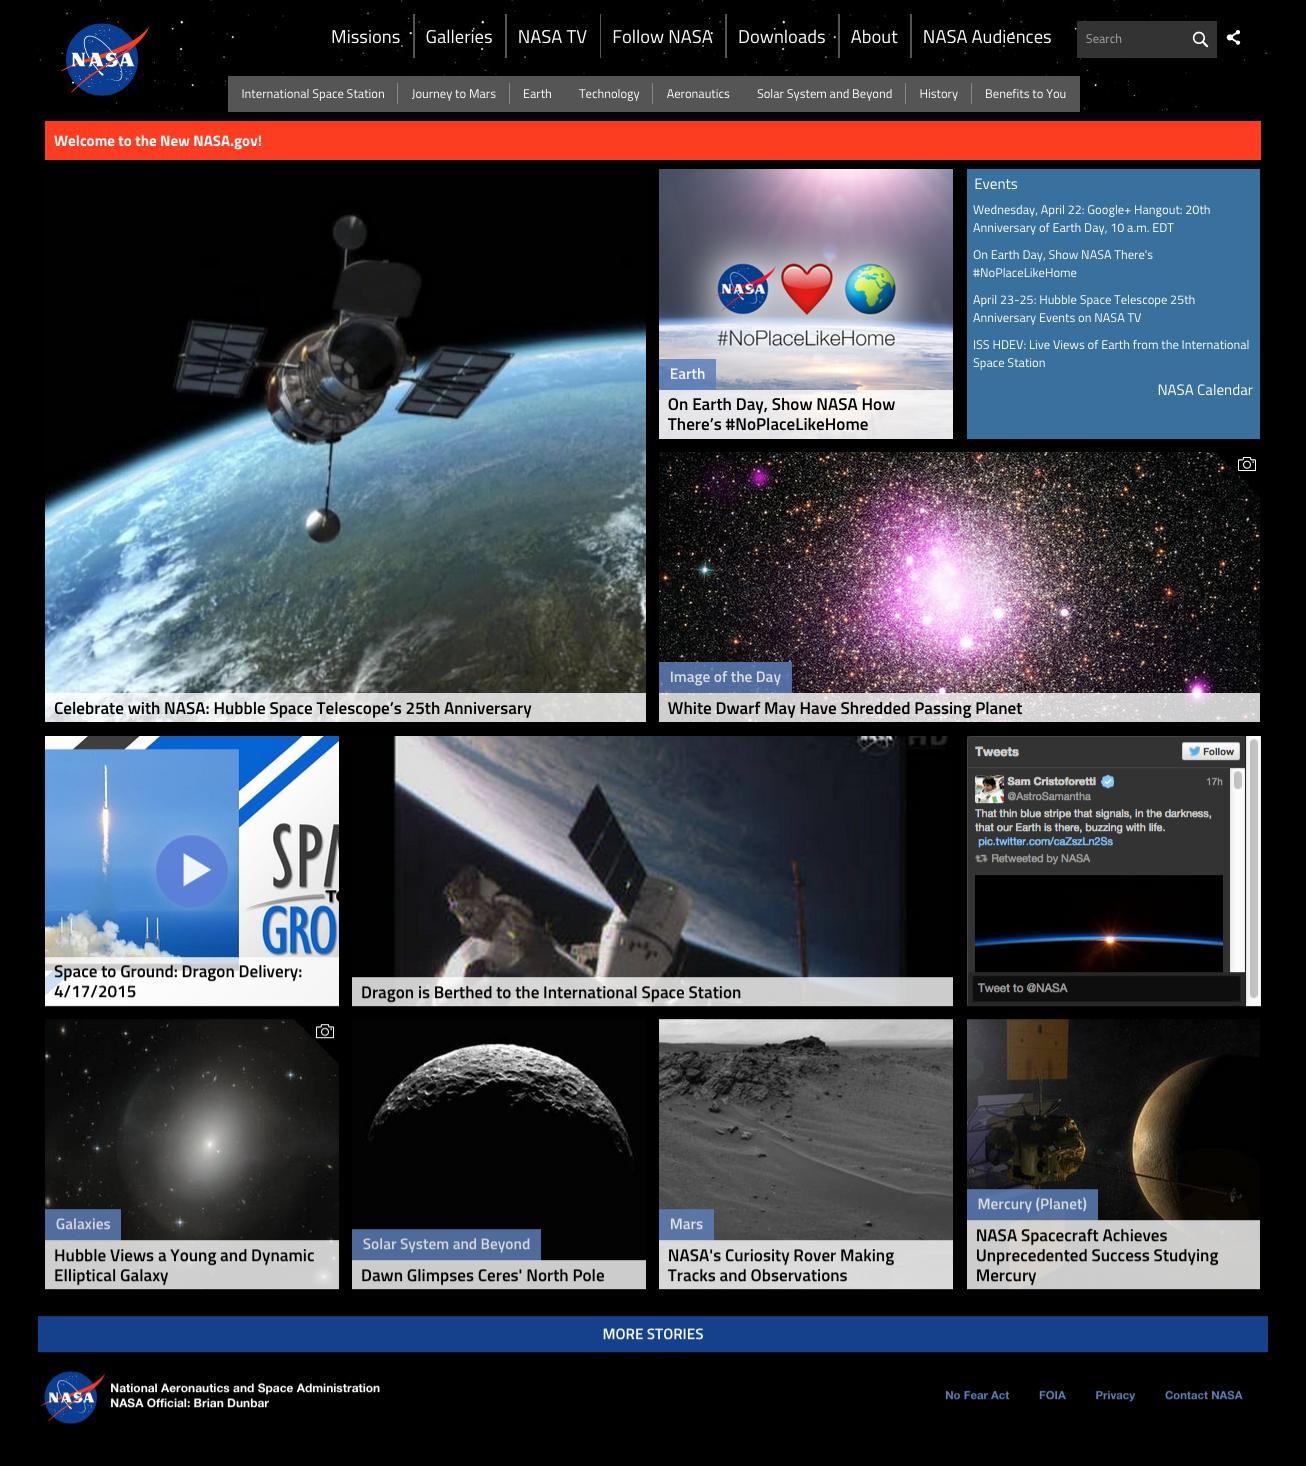 Best Home Design Websites 2015: NASA Home Page Design, 2015 -